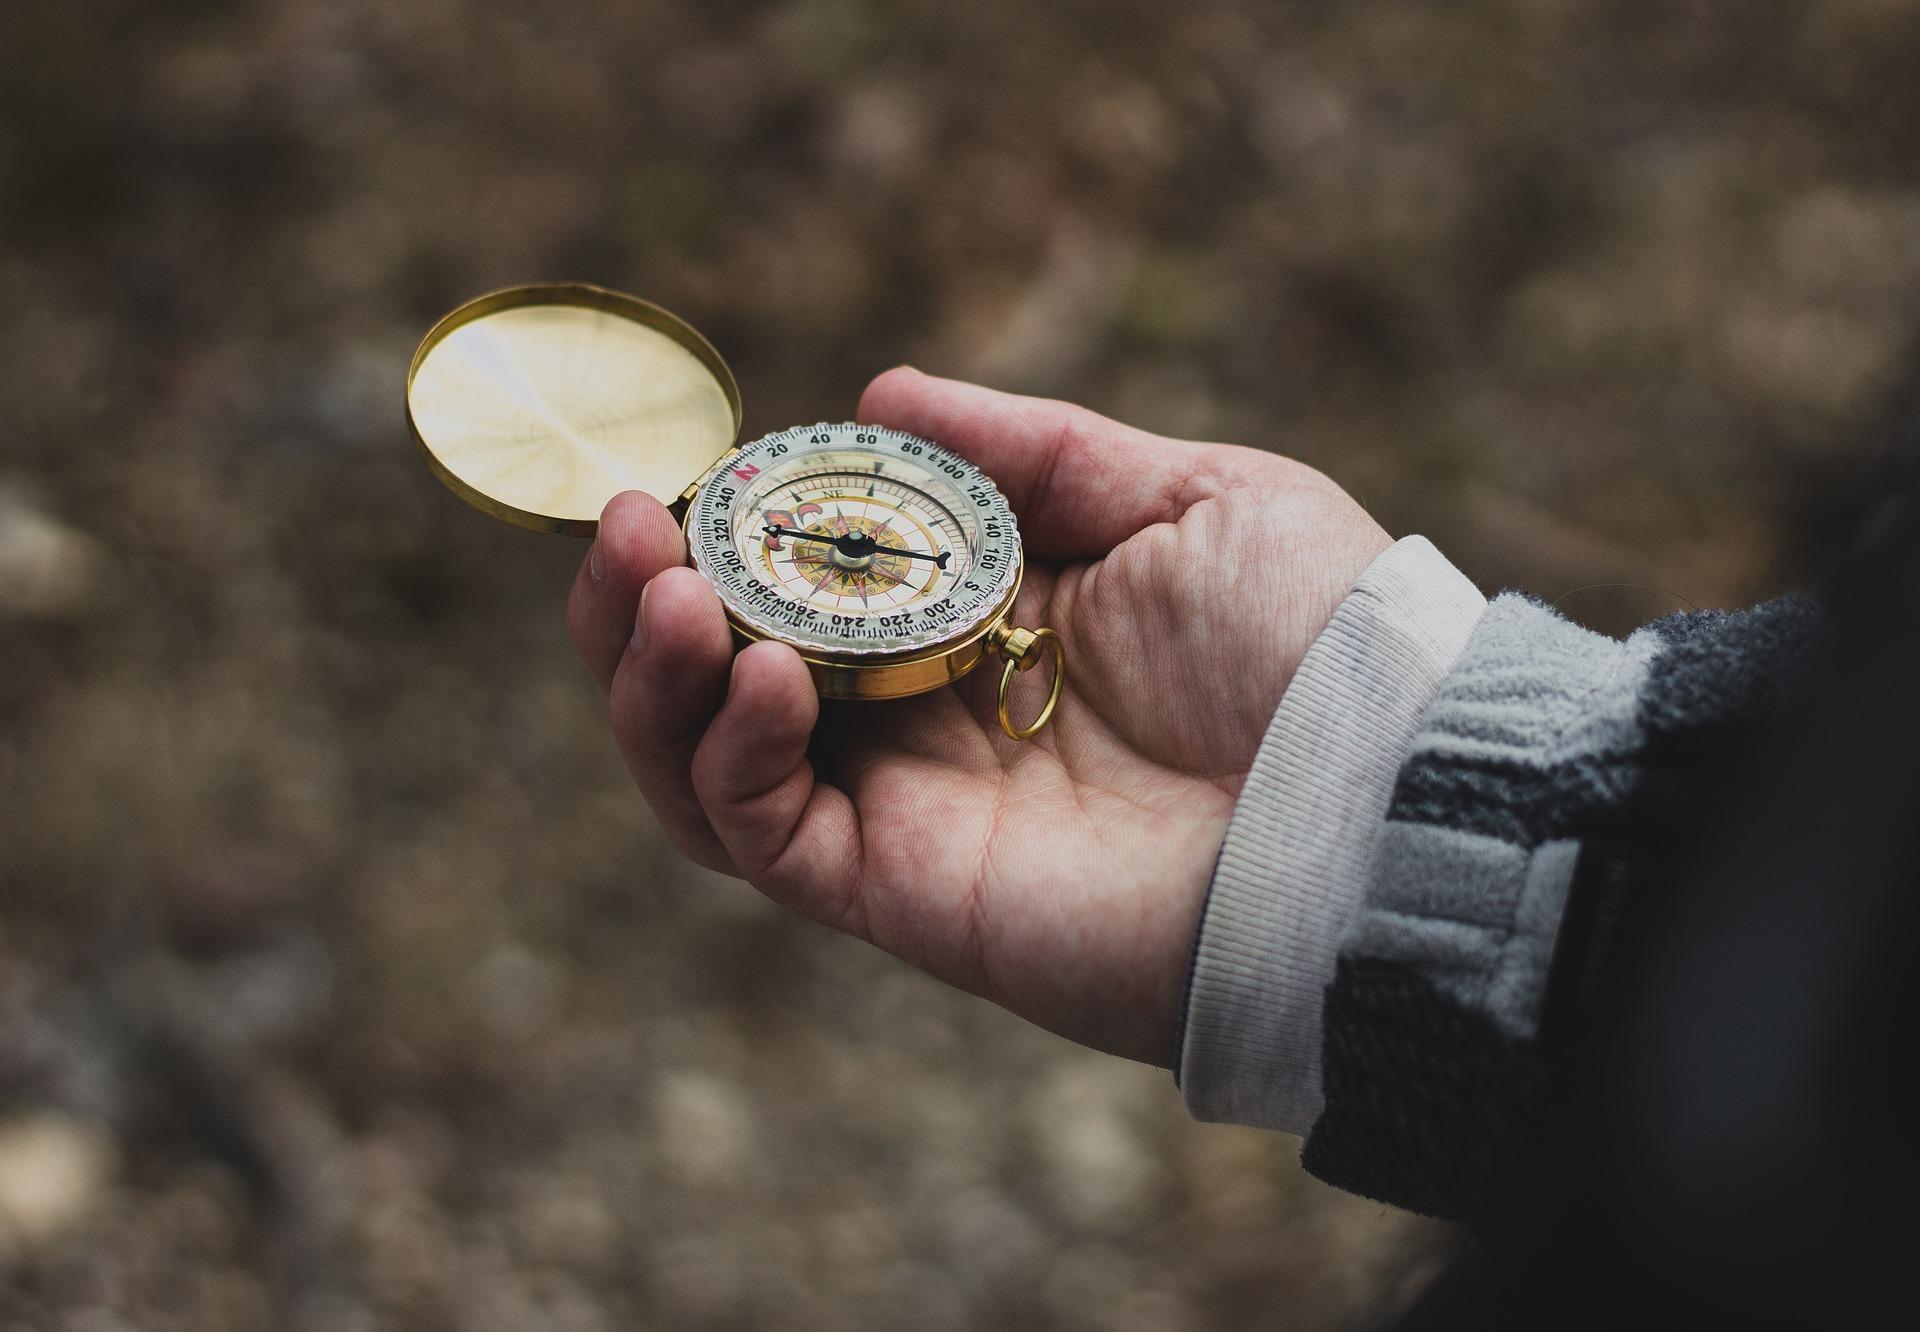 Misericórdia faz-se visita – 3 – Revisitar o santuário. Rever os critérios da consciência